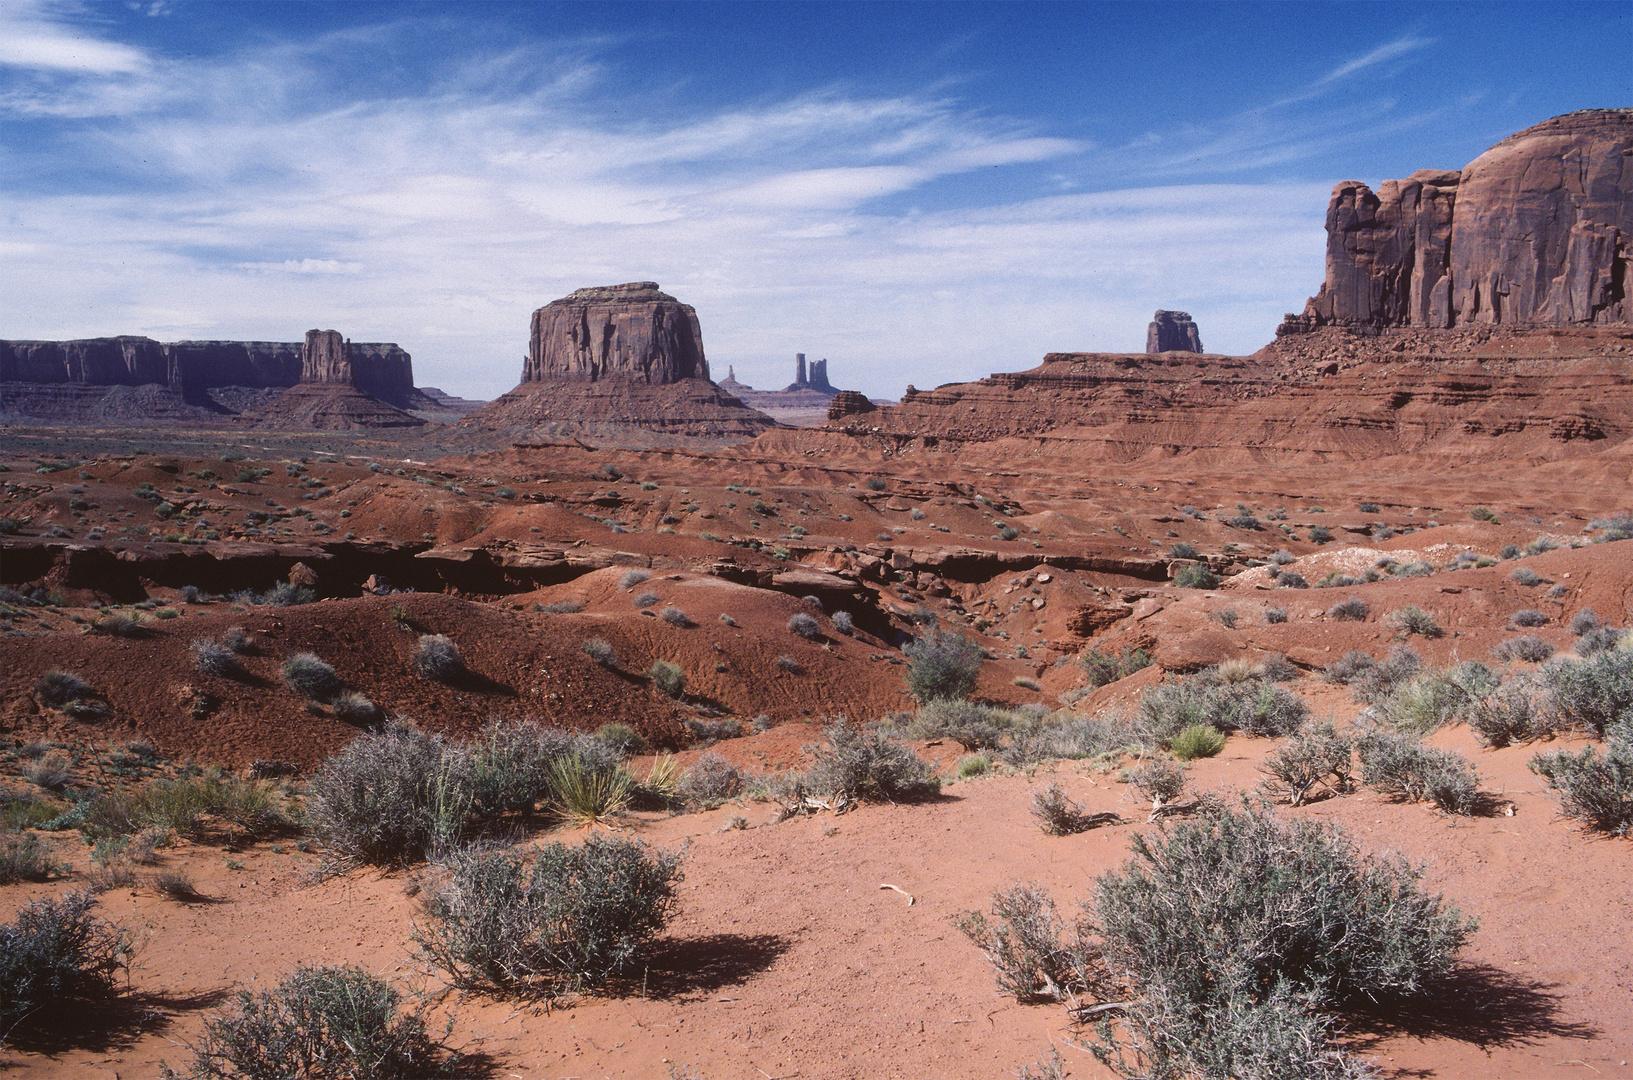 Weit in der Wüste des Monument Valley, Navajo Country, UT